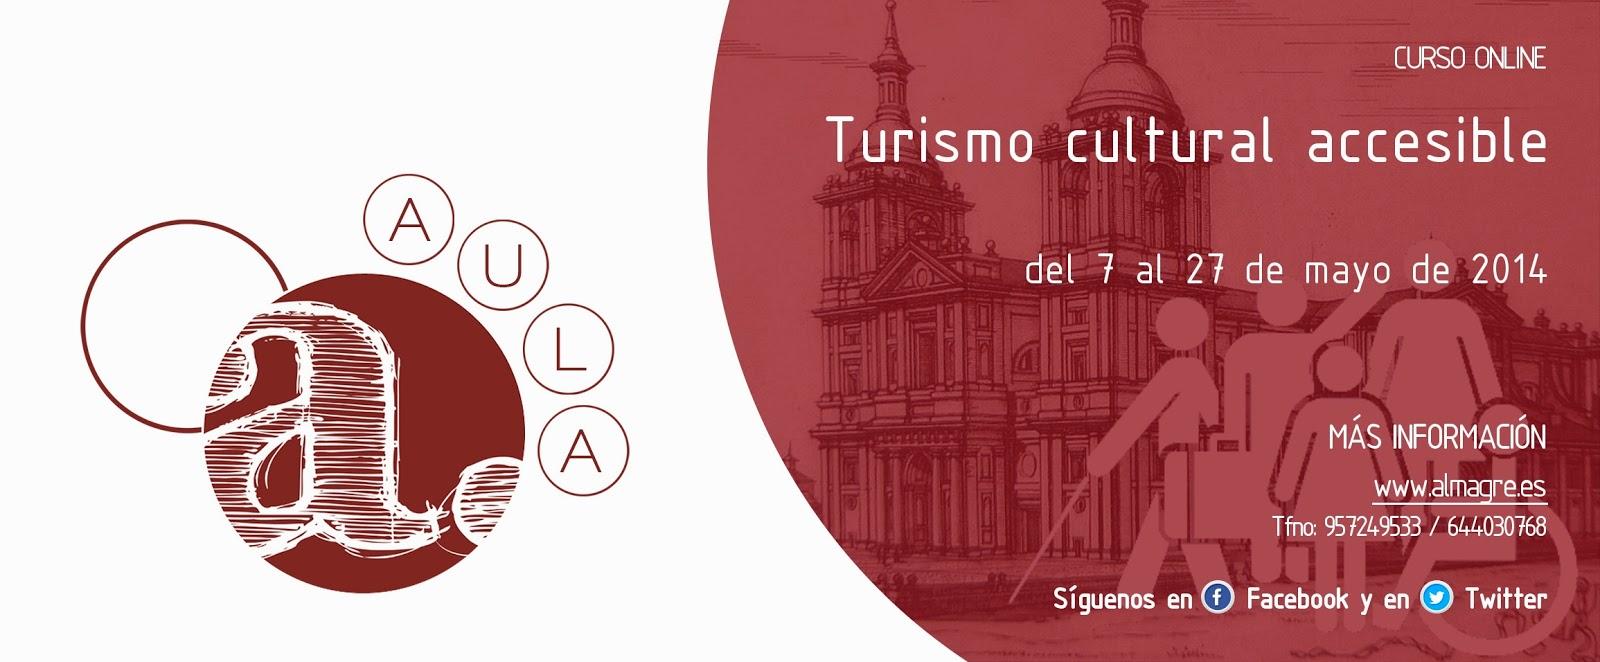 CURSO ON LINE TURISMO cULTURAL ACCESIBLE. DEL 7 AL 27 DE MAYO DE 2014. MÁS INFORMACIÓN WWW.ALMAGRE.ES TELÉFONO 957249533 - 644030768